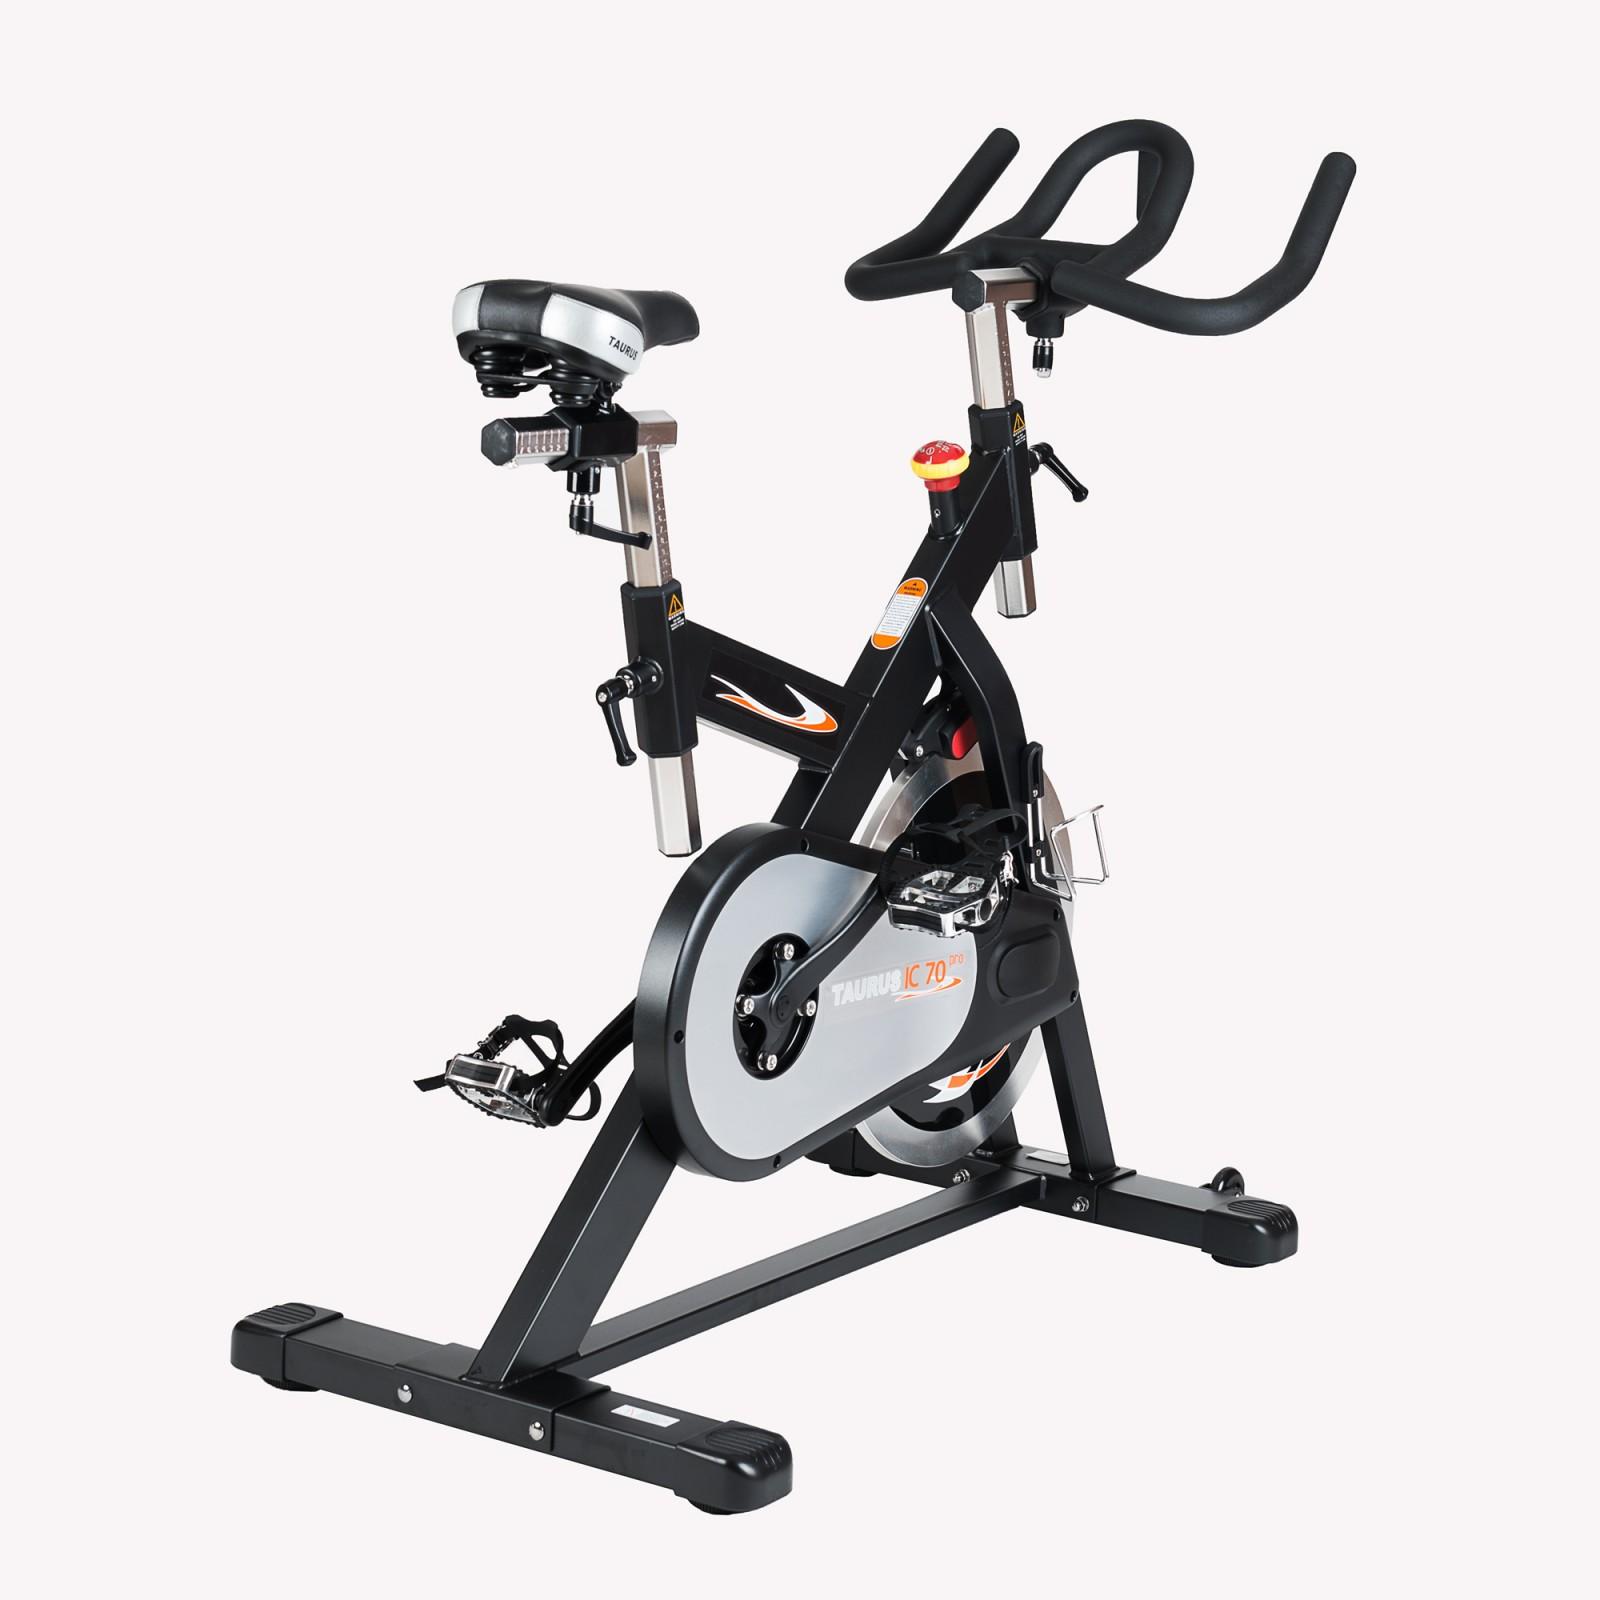 Taurus v lo de biking ic70 pro acheter avec 85 valuations des clients fitshop - Velo salle de sport pro ...